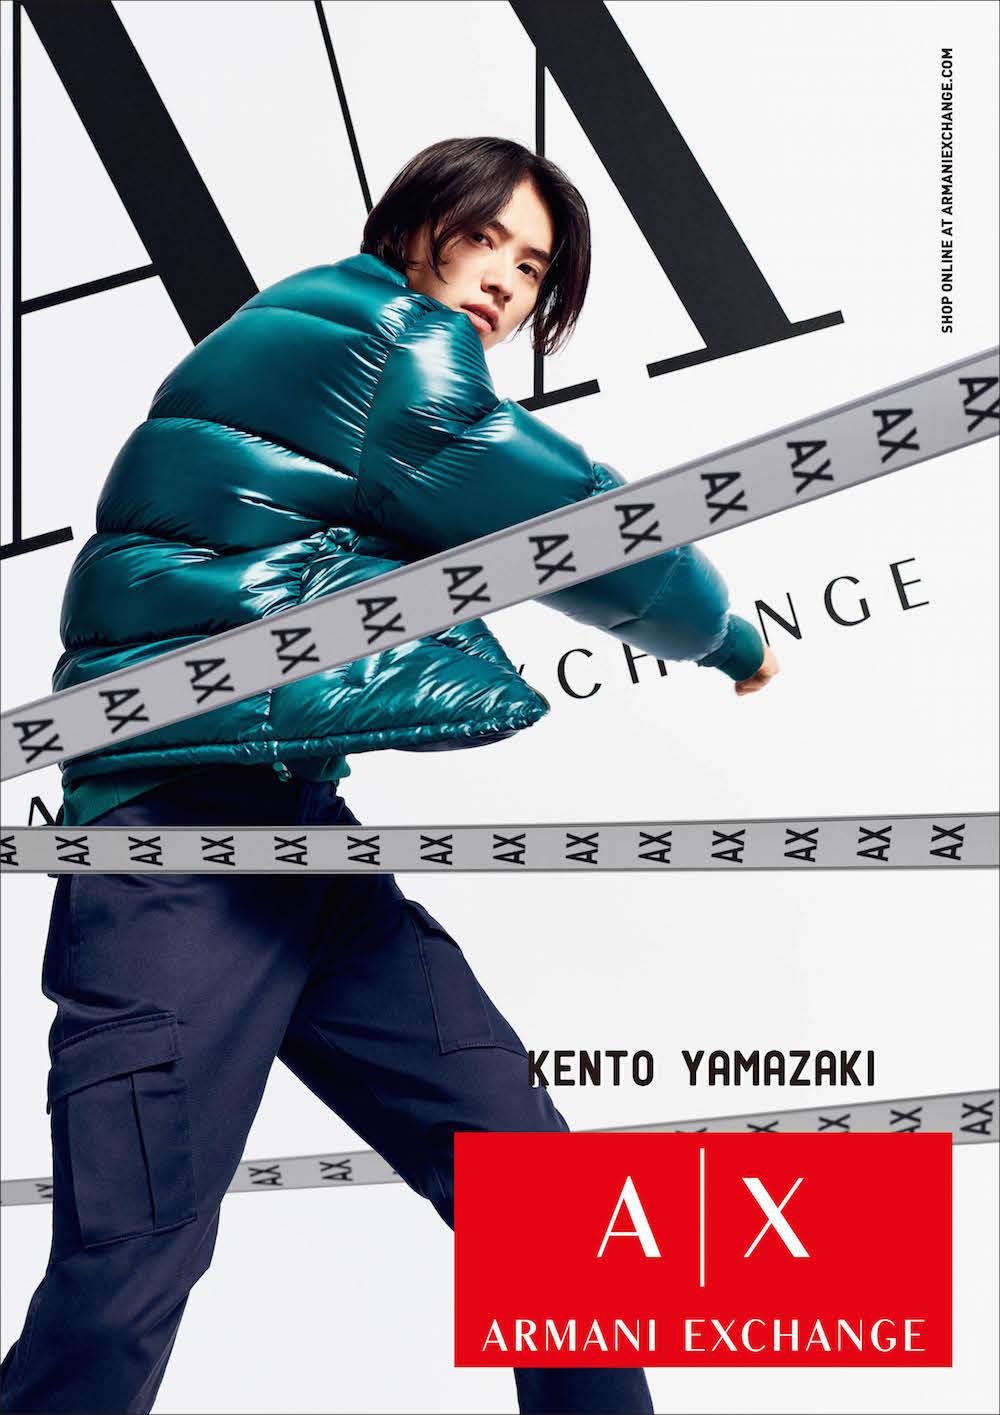 【速報】山﨑賢人さんが『アルマーニ エクスチェンジ』の広告モデルに!キャンペーンビジュアル全部見せます♡_4